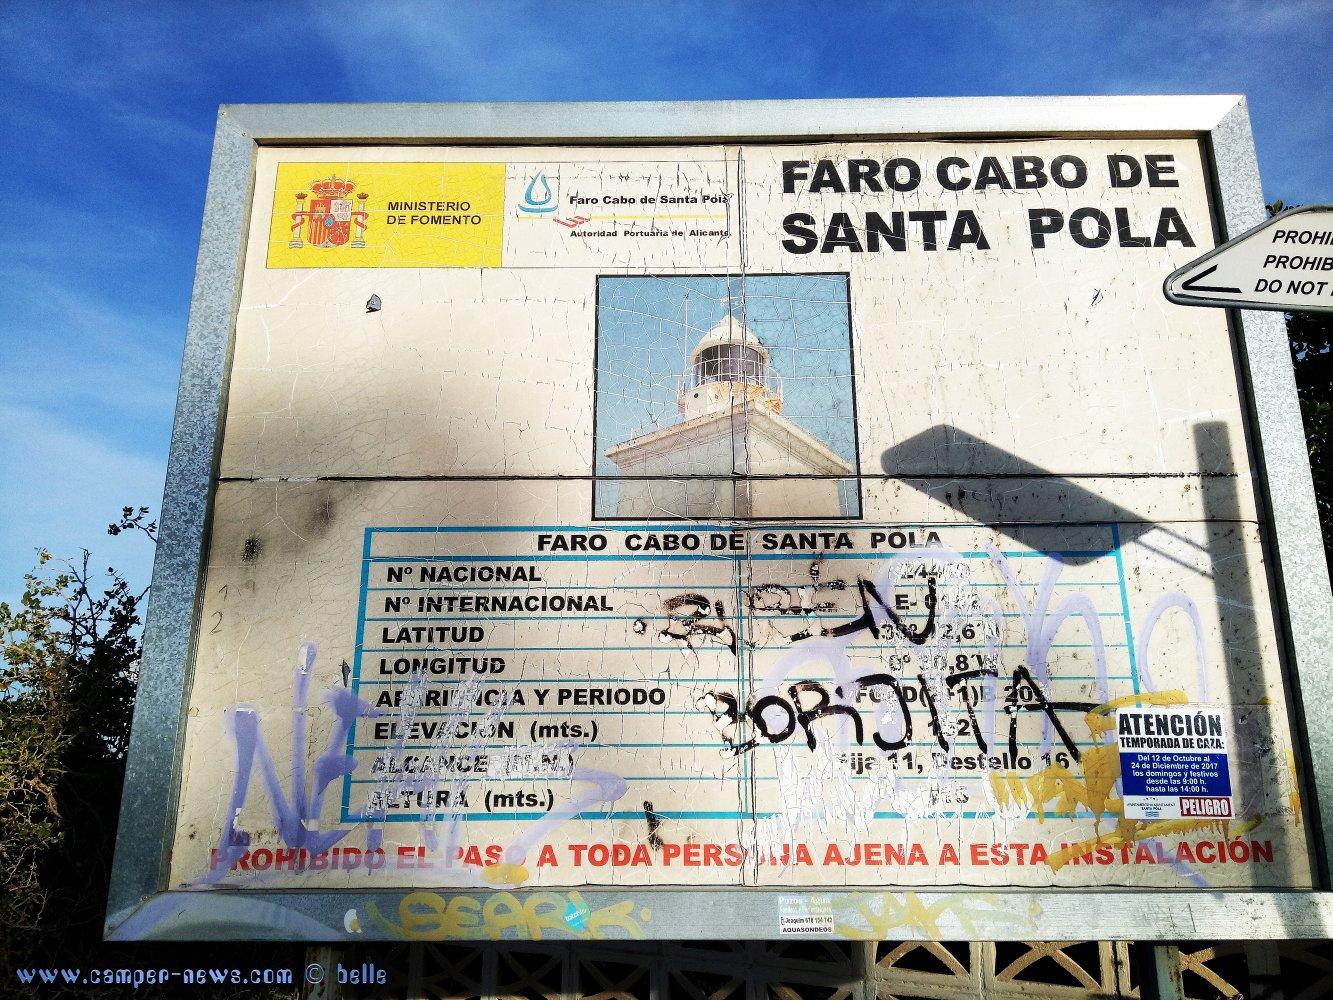 Das paket aus italien ist noch nicht da camper news - Cabo santa pola ...